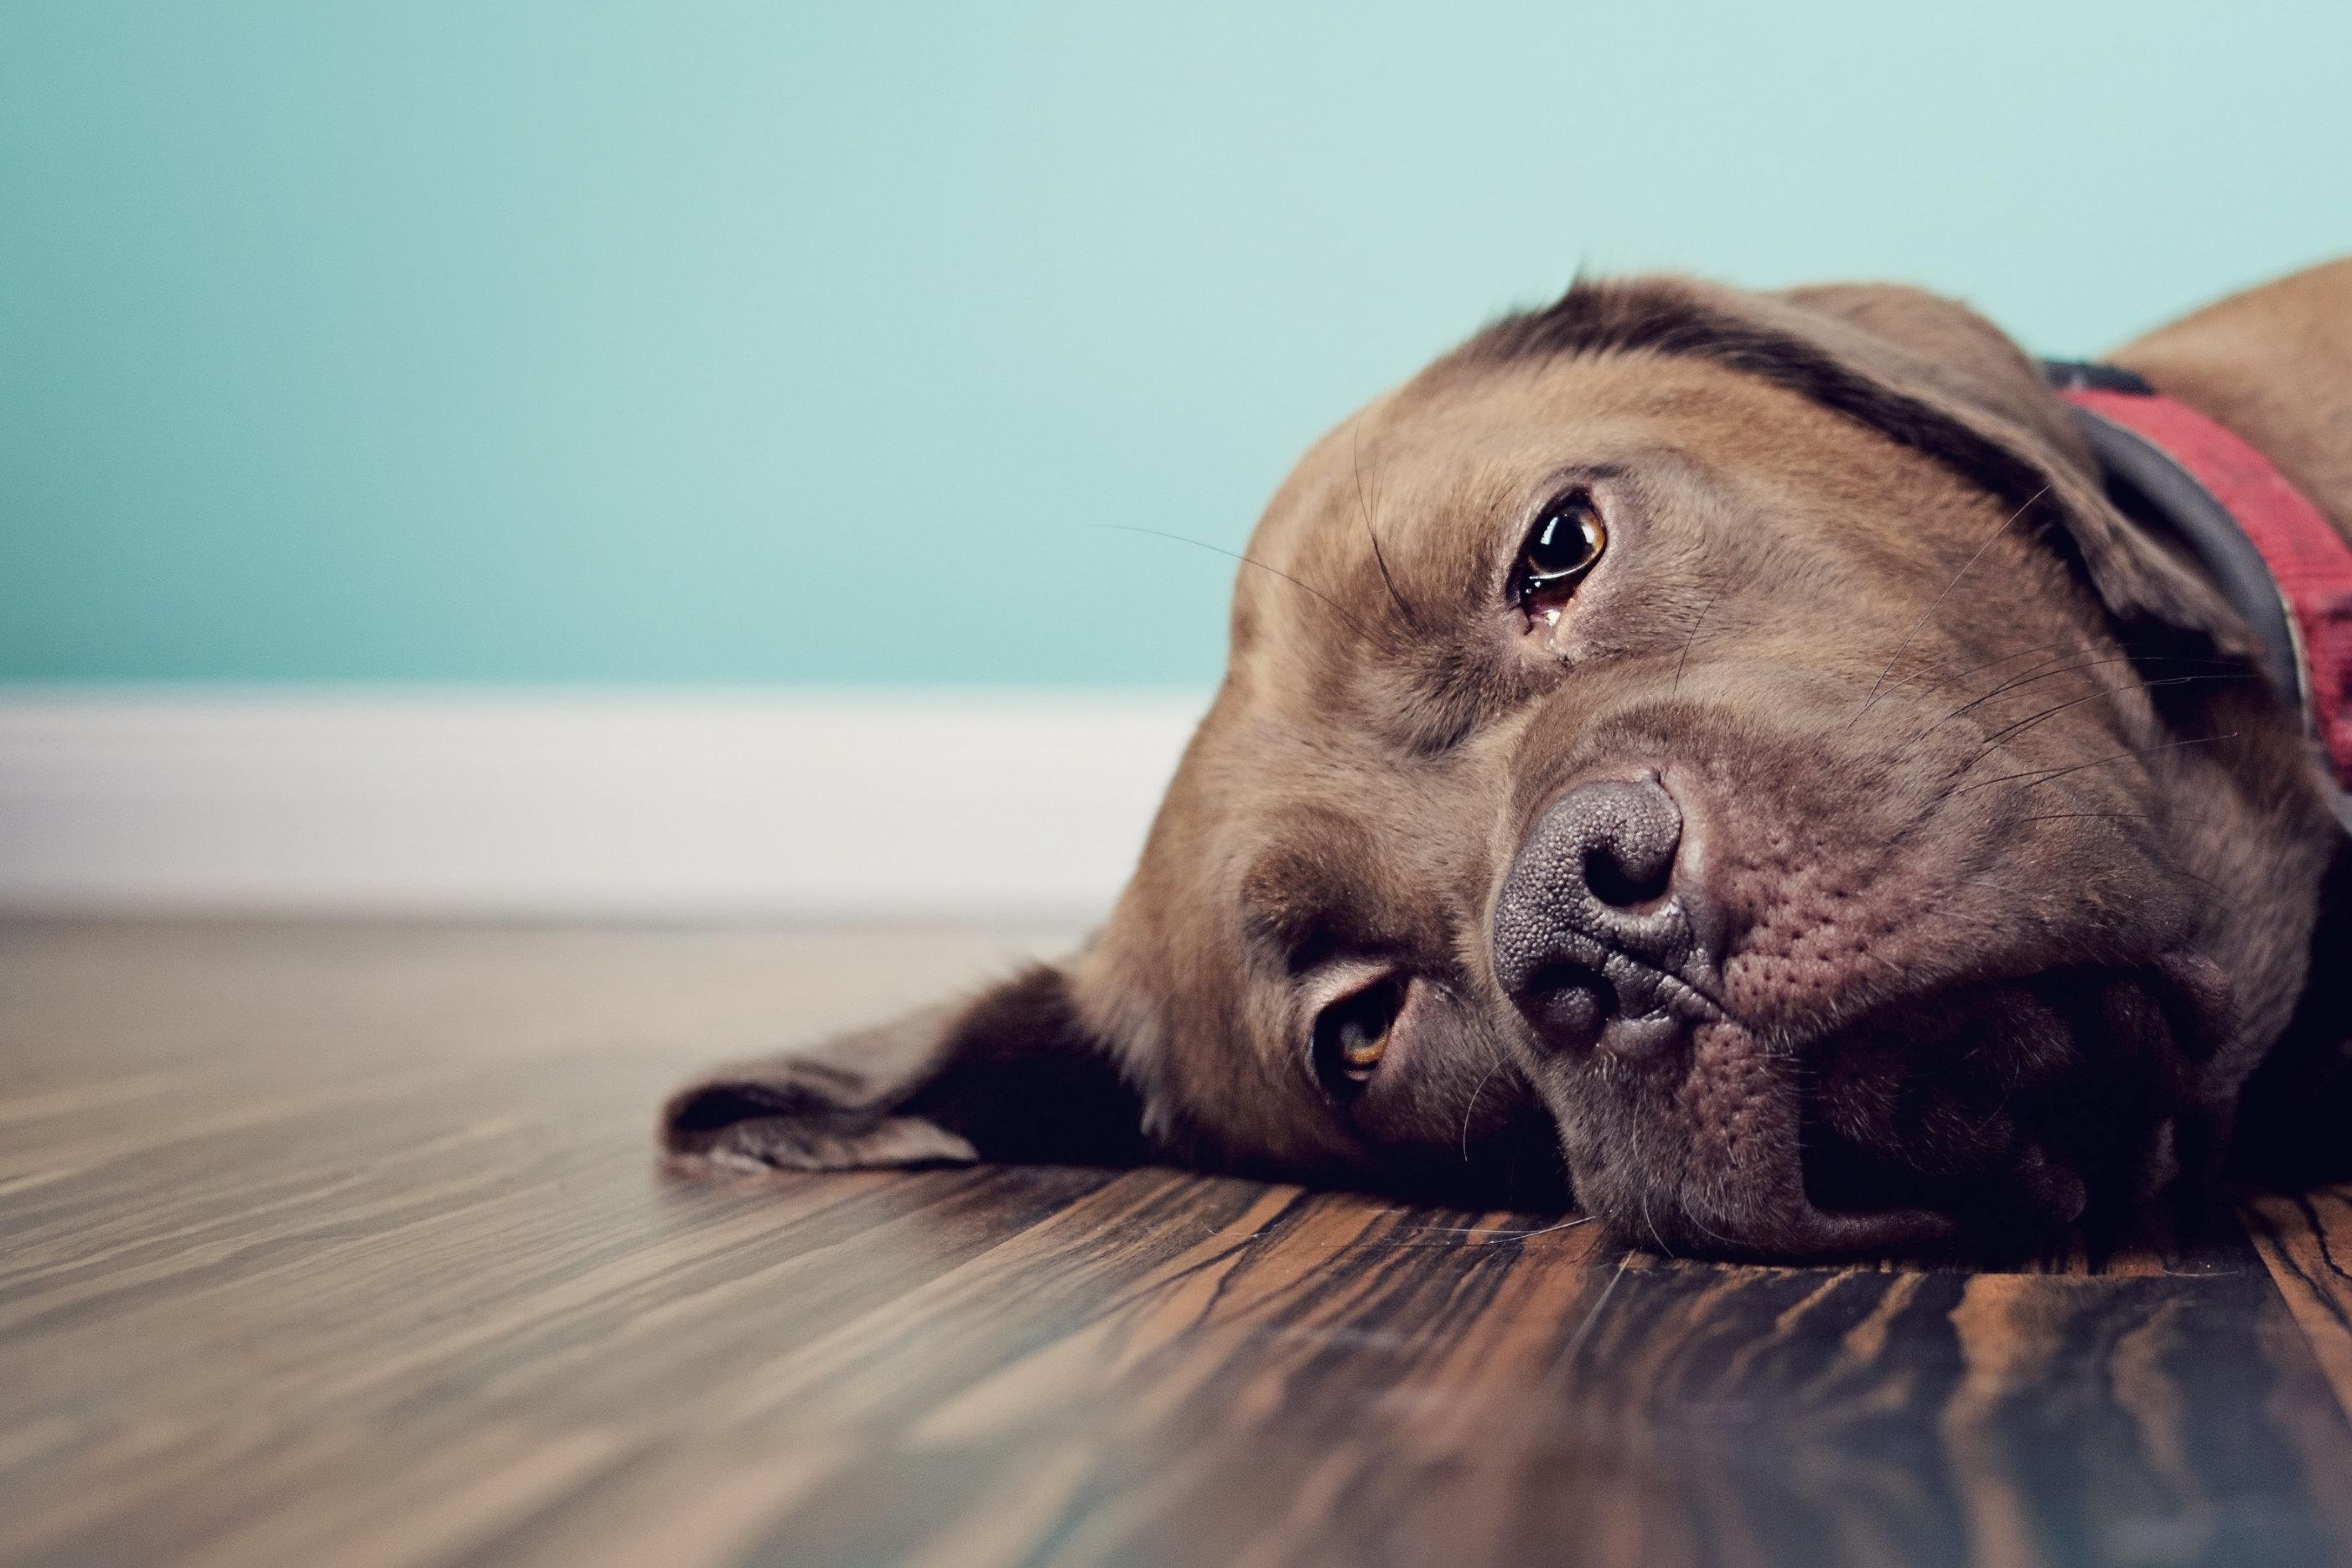 Pets também podem sentir luto. Entenda como isso